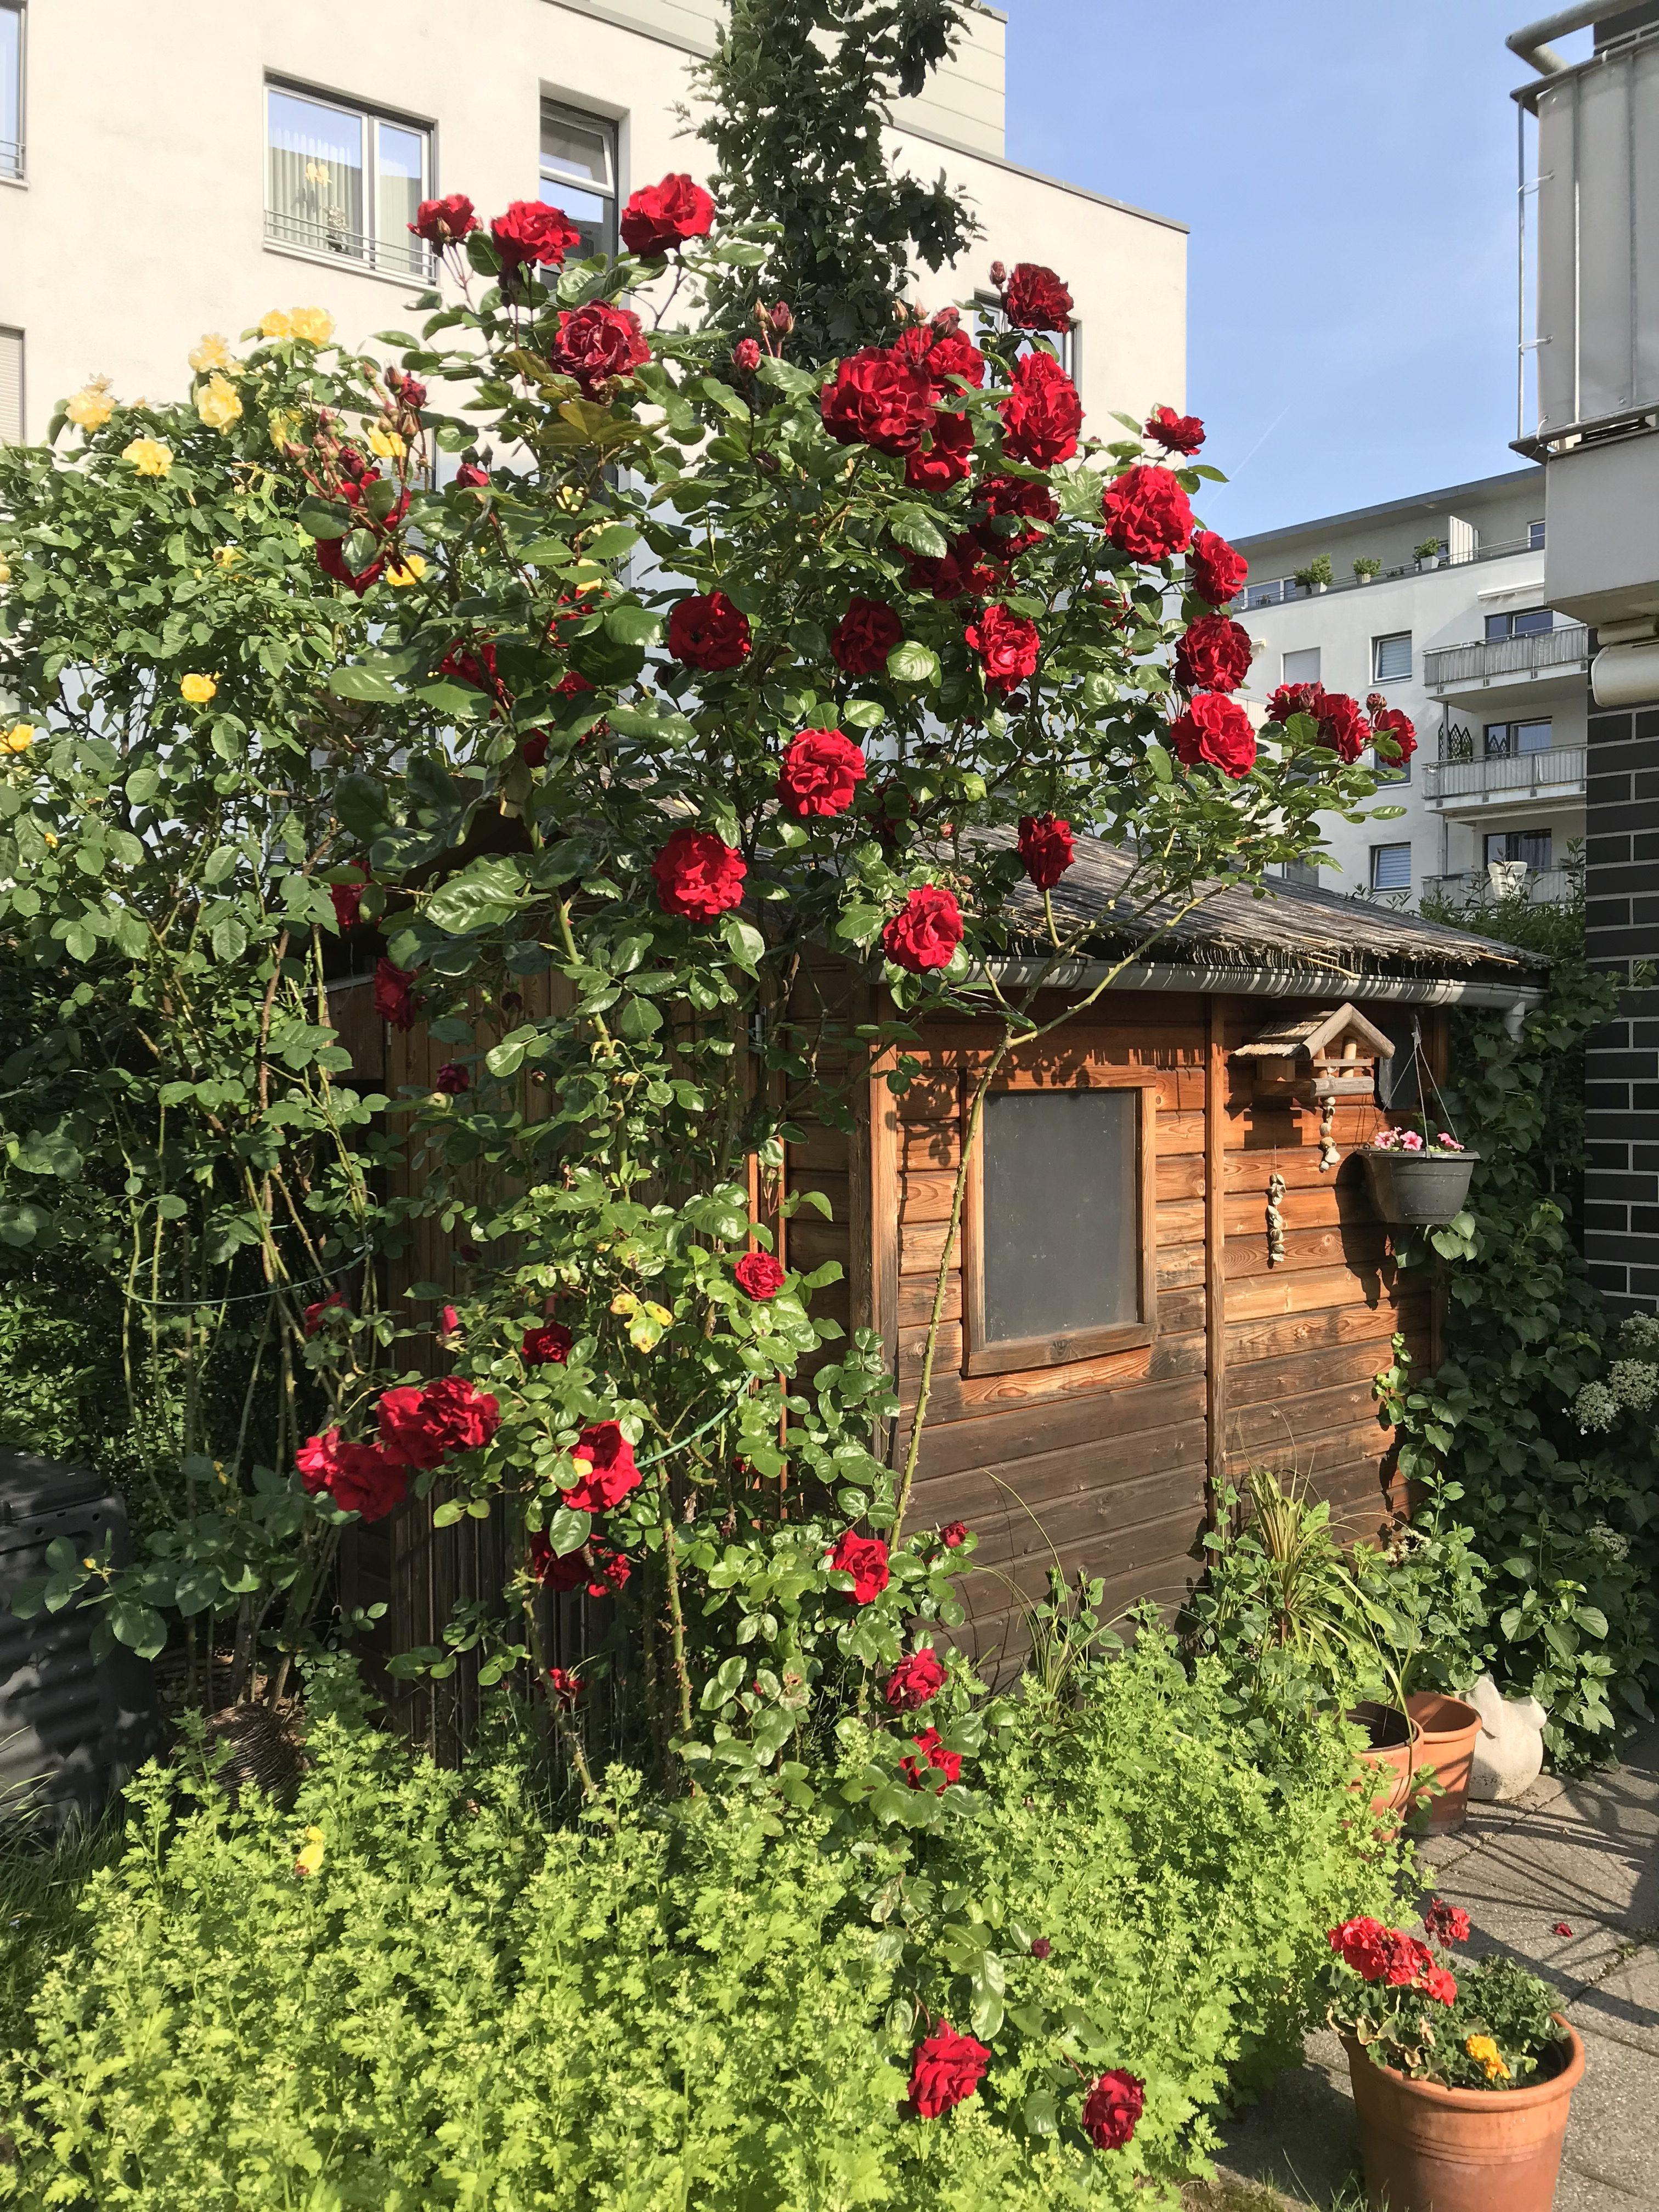 Ein mit roten und gelben Rosen überwuchertes Gartenhäuschen zwischen hohen modernen Mehrfamilienhäusern.